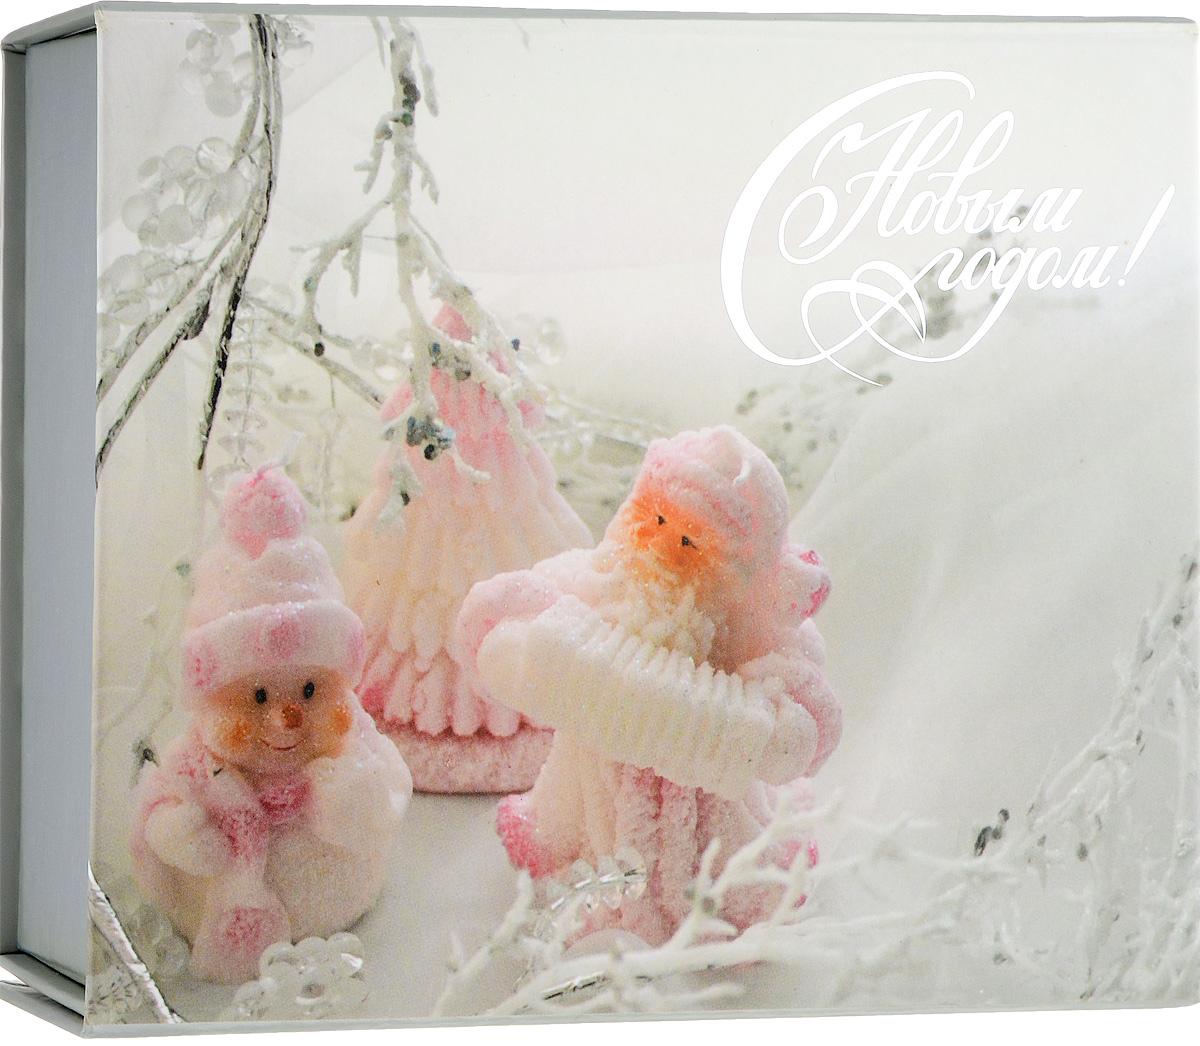 Коробка подарочная Winter Wings, 15,5 х 13 х 5 смN14046Подарочная коробка Winter Wings выполнена из картона. Крышка оформлена красивым изображением. Подарочная коробка - это наилучшее решение, если вы хотите порадовать ваших близких и создать праздничное настроение, ведь подарок, преподнесенный в оригинальной упаковке, всегда будет самым эффектным и запоминающимся. Окружите близких людей вниманием и заботой, вручив презент в нарядном, праздничном оформлении. Размеры: 15,5 х 13 х 5 см.